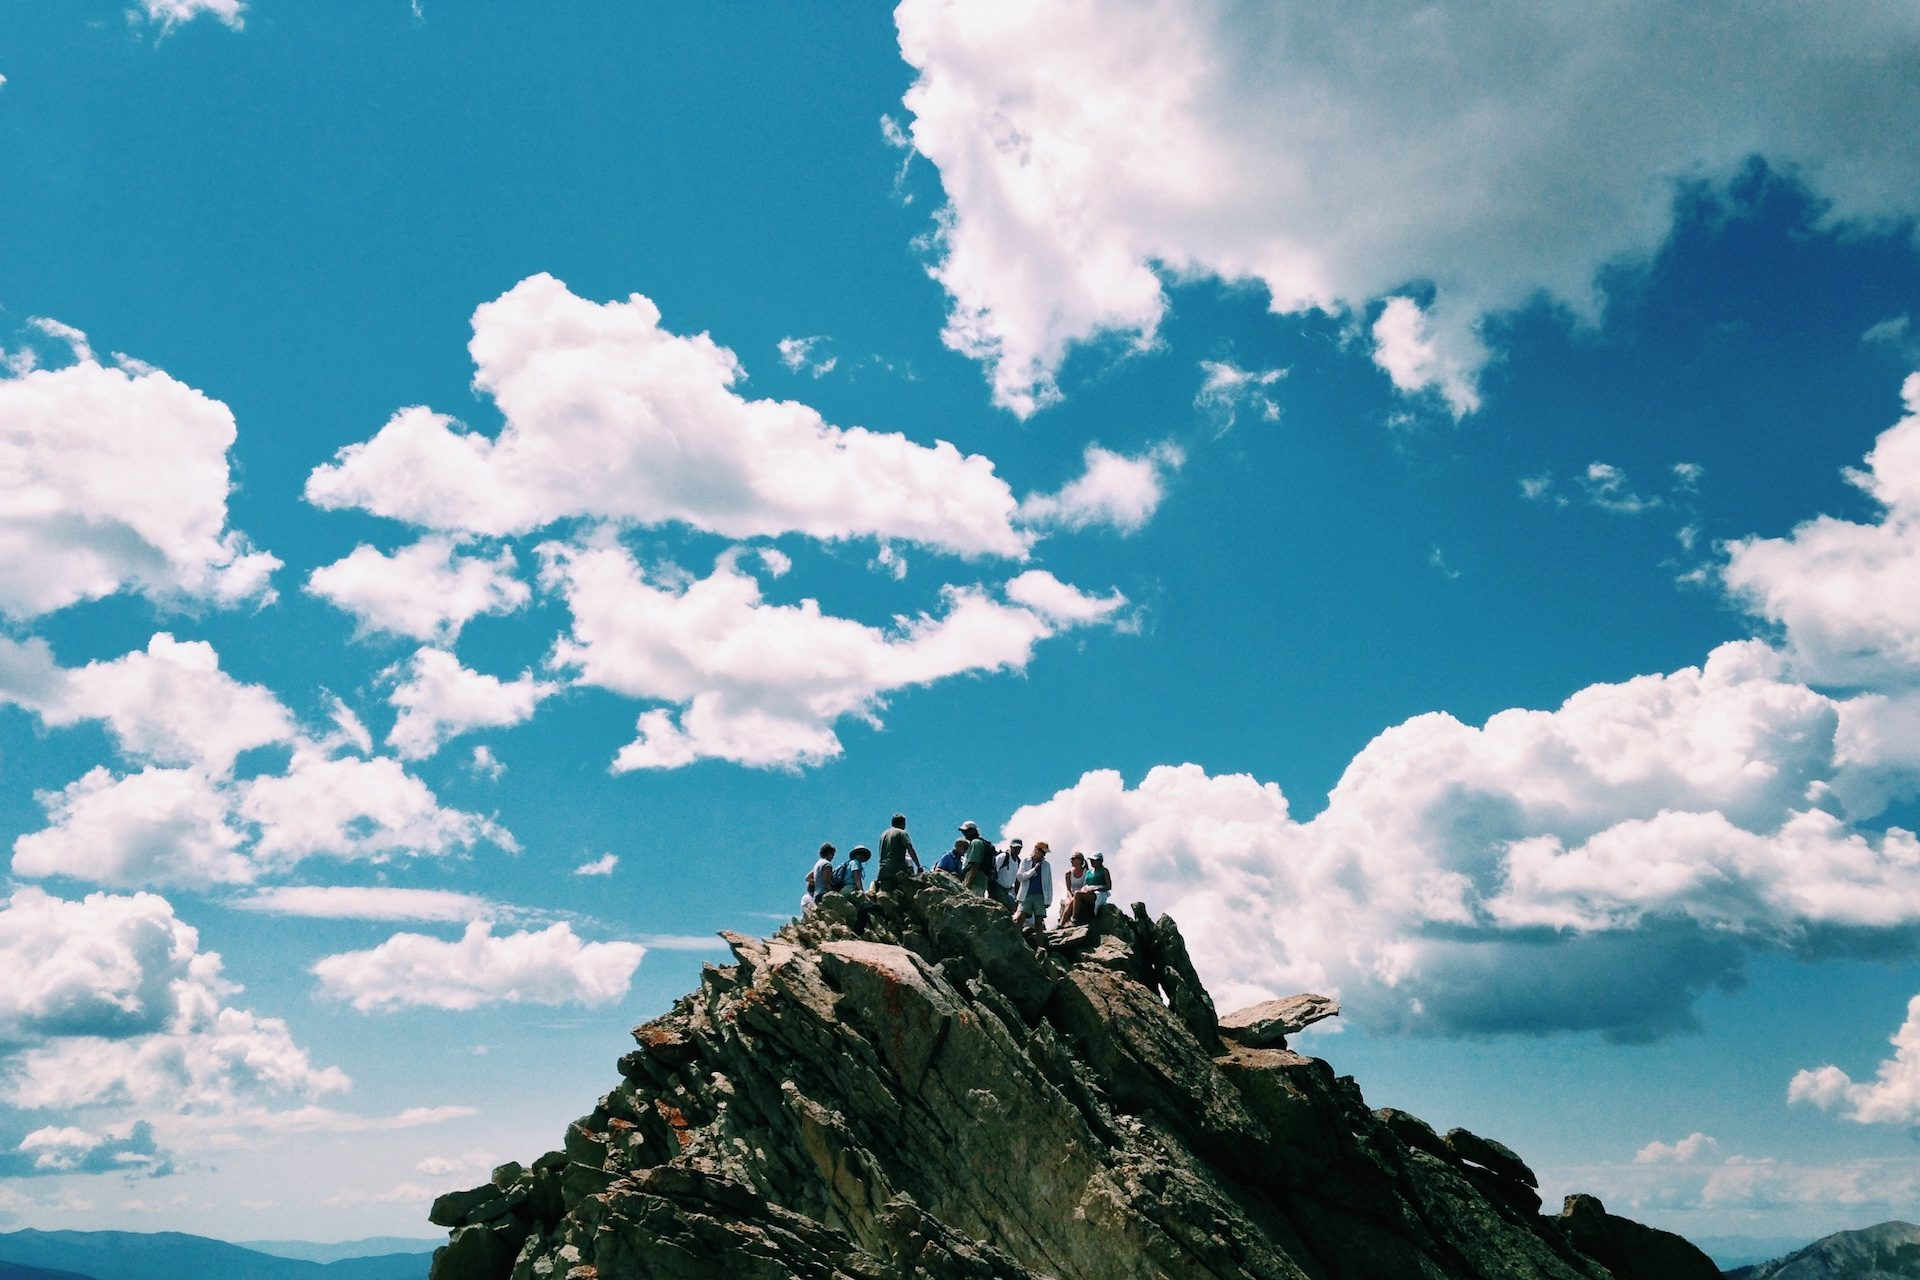 山, ピーク, ページのトップへ, personas, 人, 雲, 空, 高度 - HD の壁紙 - 教授-falken.com